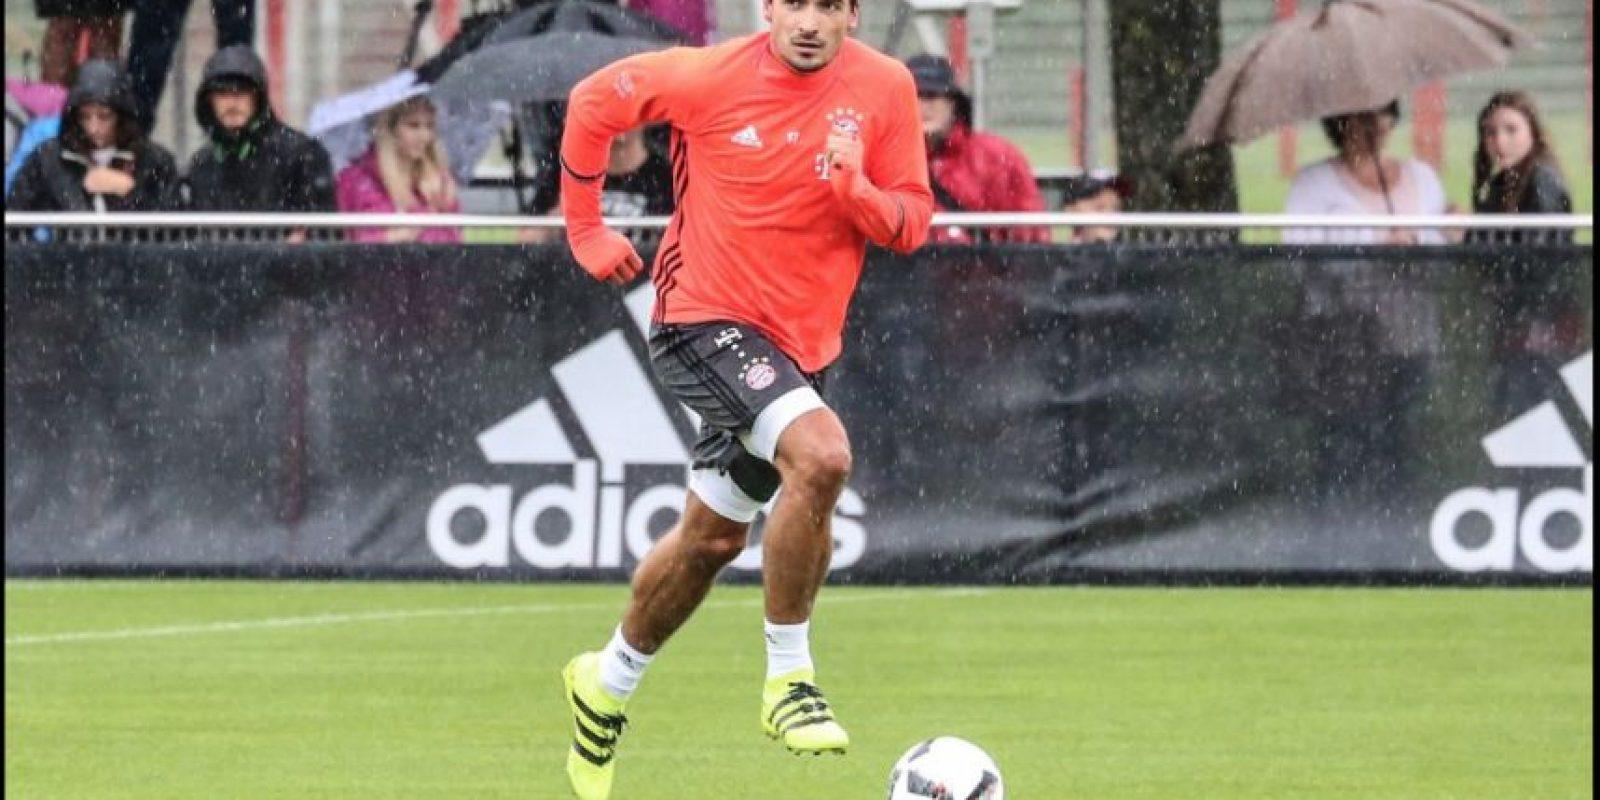 Mats Hummels, defensa central (Bayern Munich): Luego de nueve años, el zaguero y capitán dejó Borussia Dortmund para fichar por el archirrival. Sin embargo, los hinchas del Dortmund no le recriminan su partida, ya que parte al equipo que lo formó como futbolista Foto:Twitter